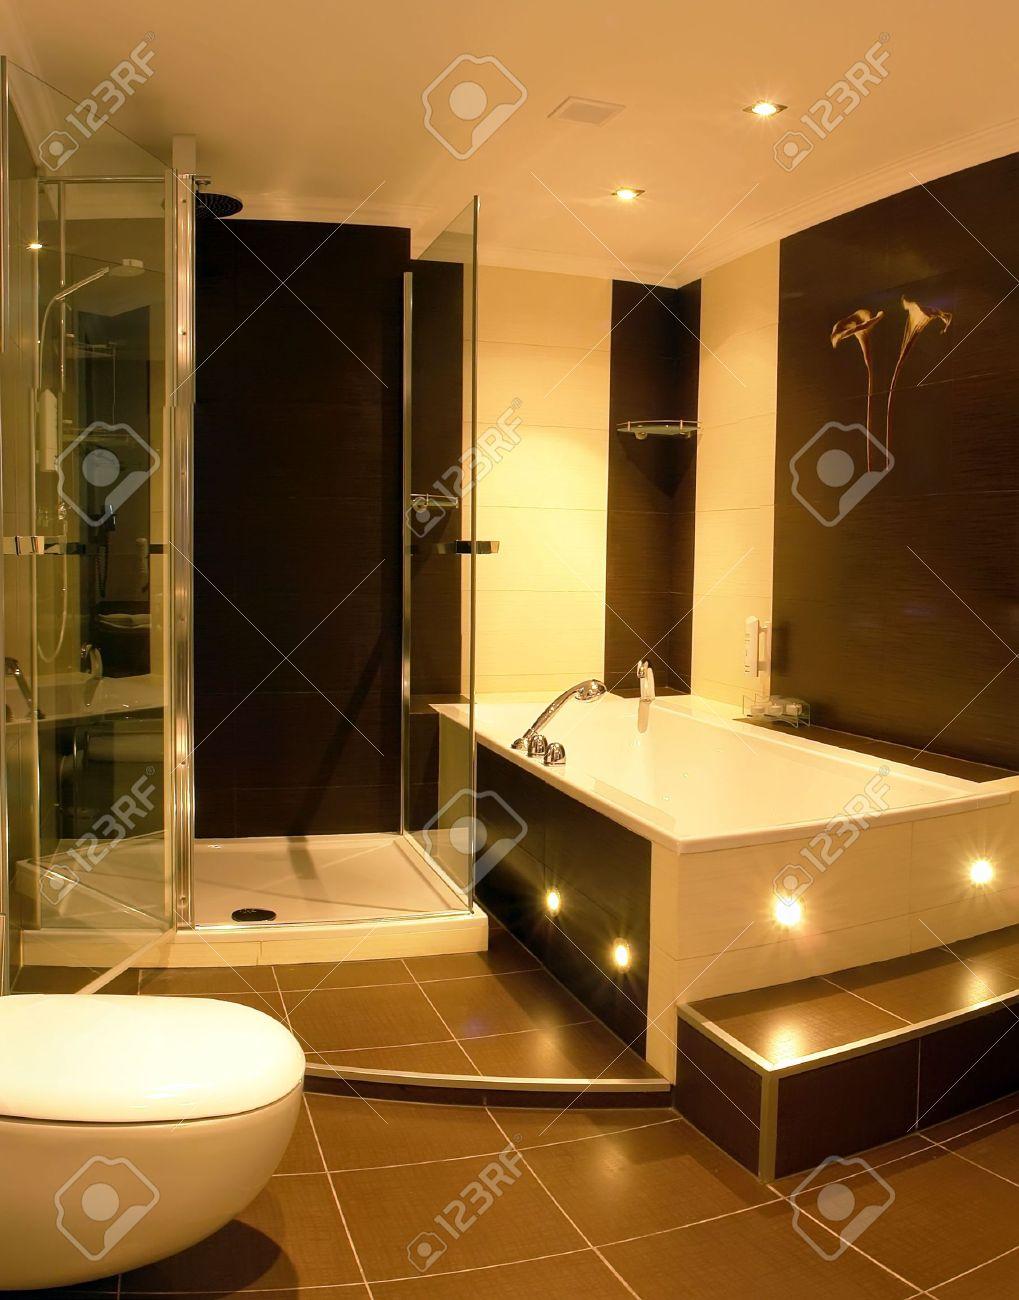 archivio fotografico una vista di un bagno moderno con un vetro racchiuso con box doccia e una vasca idromassaggio